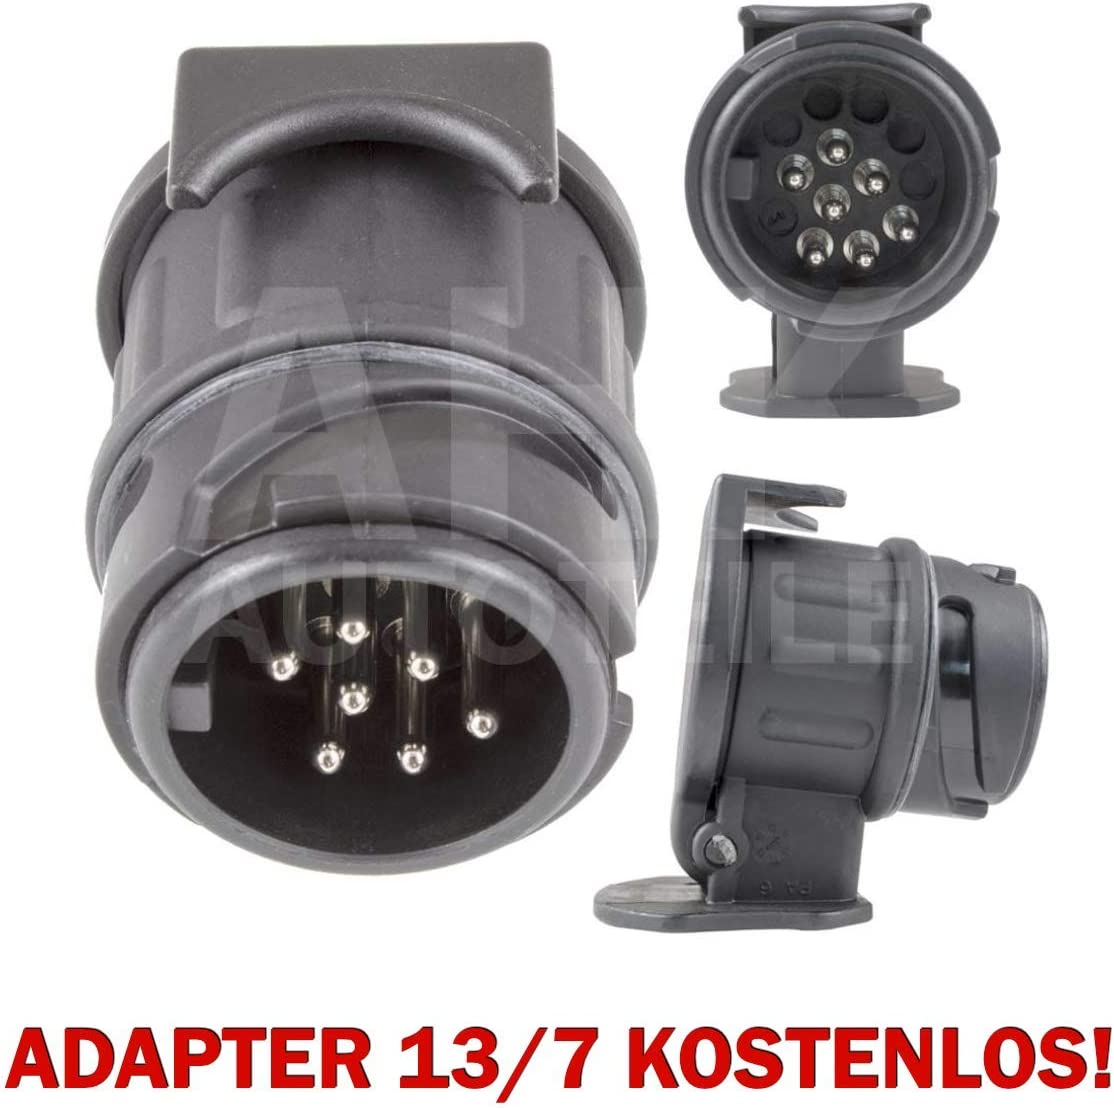 Auto Hak Solide Ahk Abnehmbar Mit Fahrzeugspezifischem E Satz 13 Polig Adapter 13 7 Kostenlos Auto